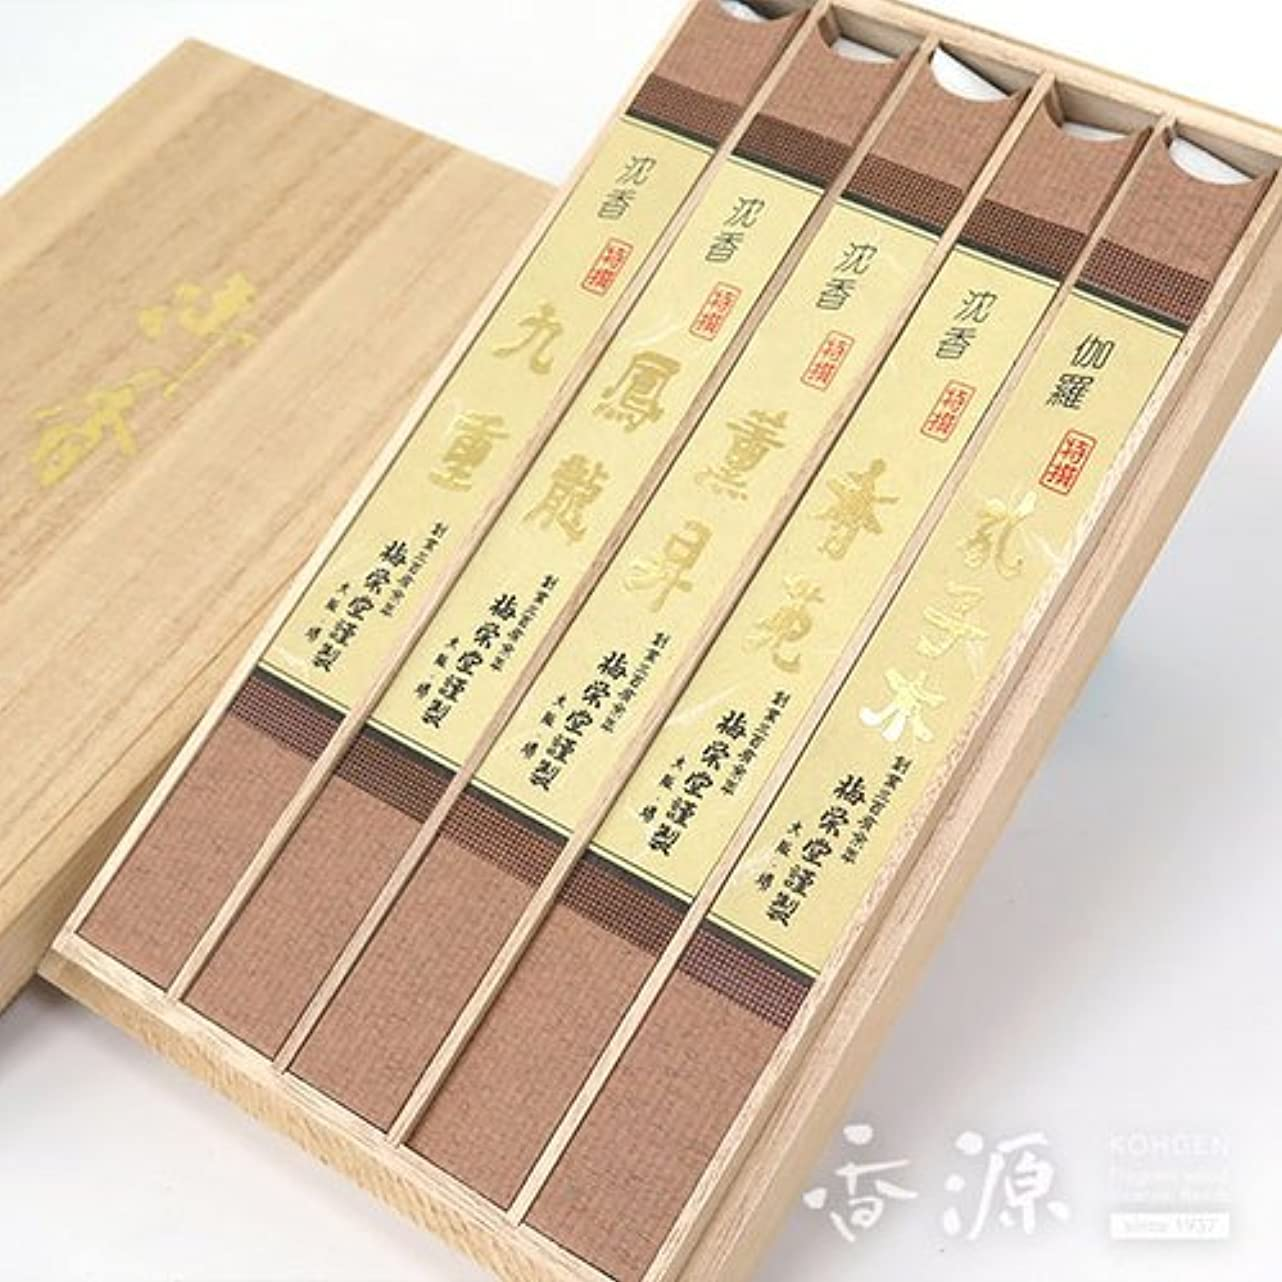 プラカード値展示会特撰五種詰合せ桐箱